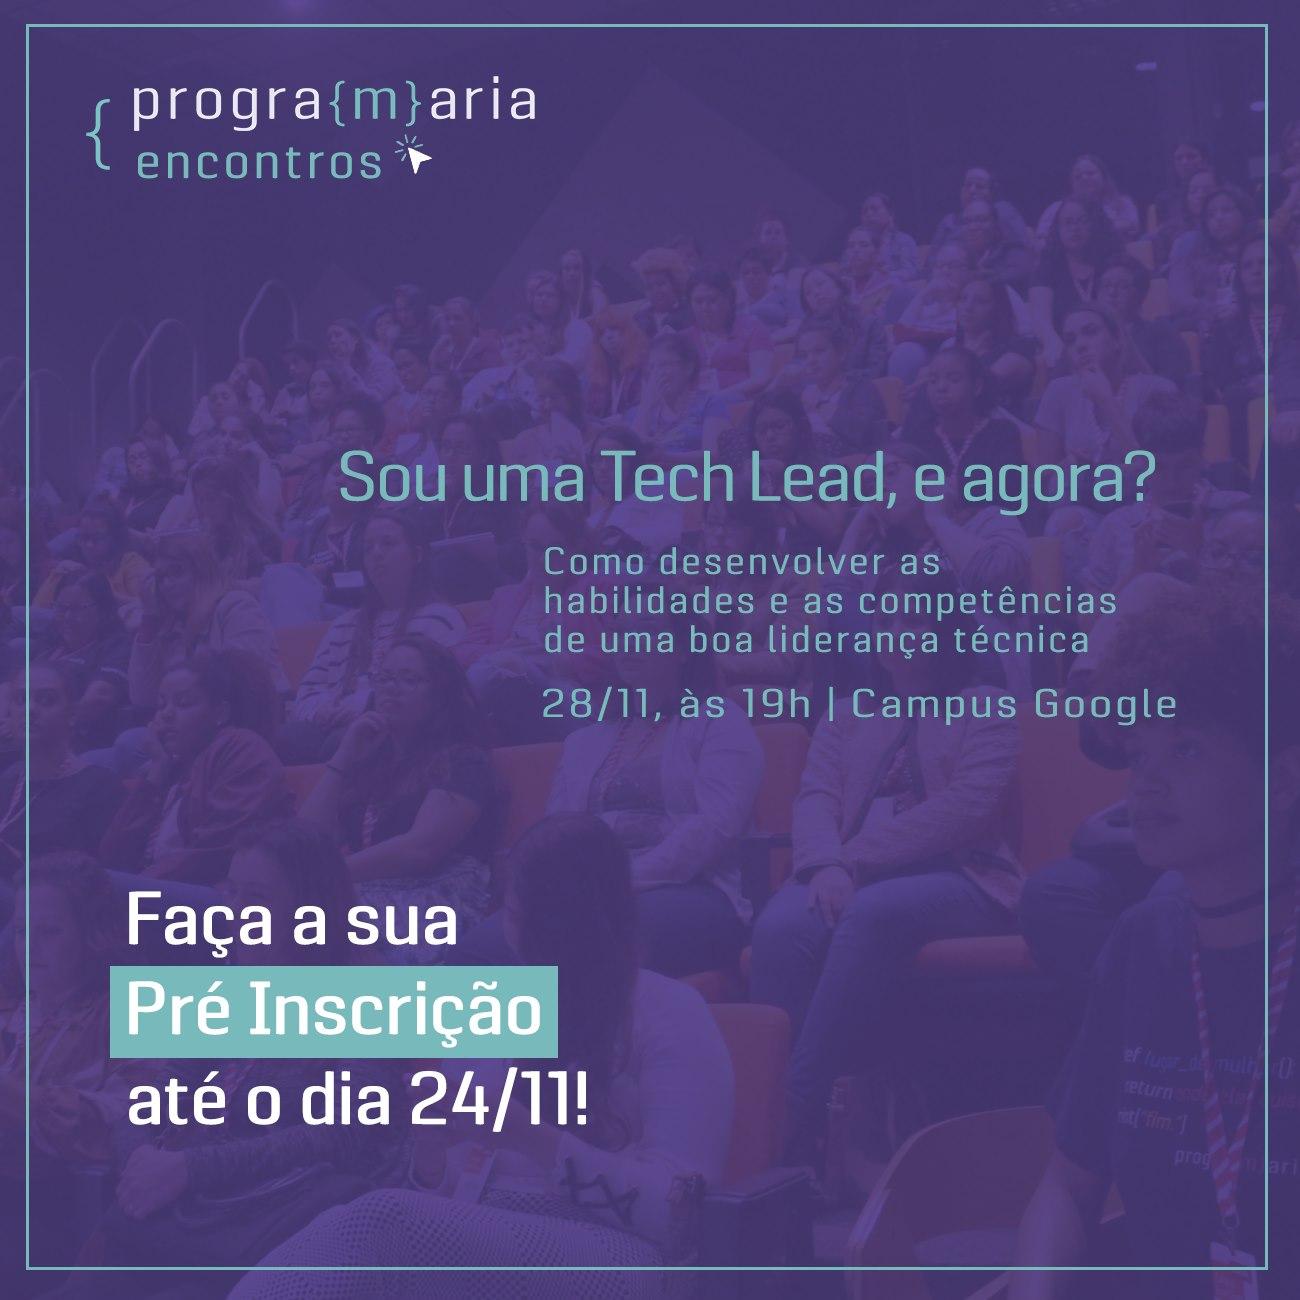 PrograMaria Encontros | Sou Tech Lead, e agora?!